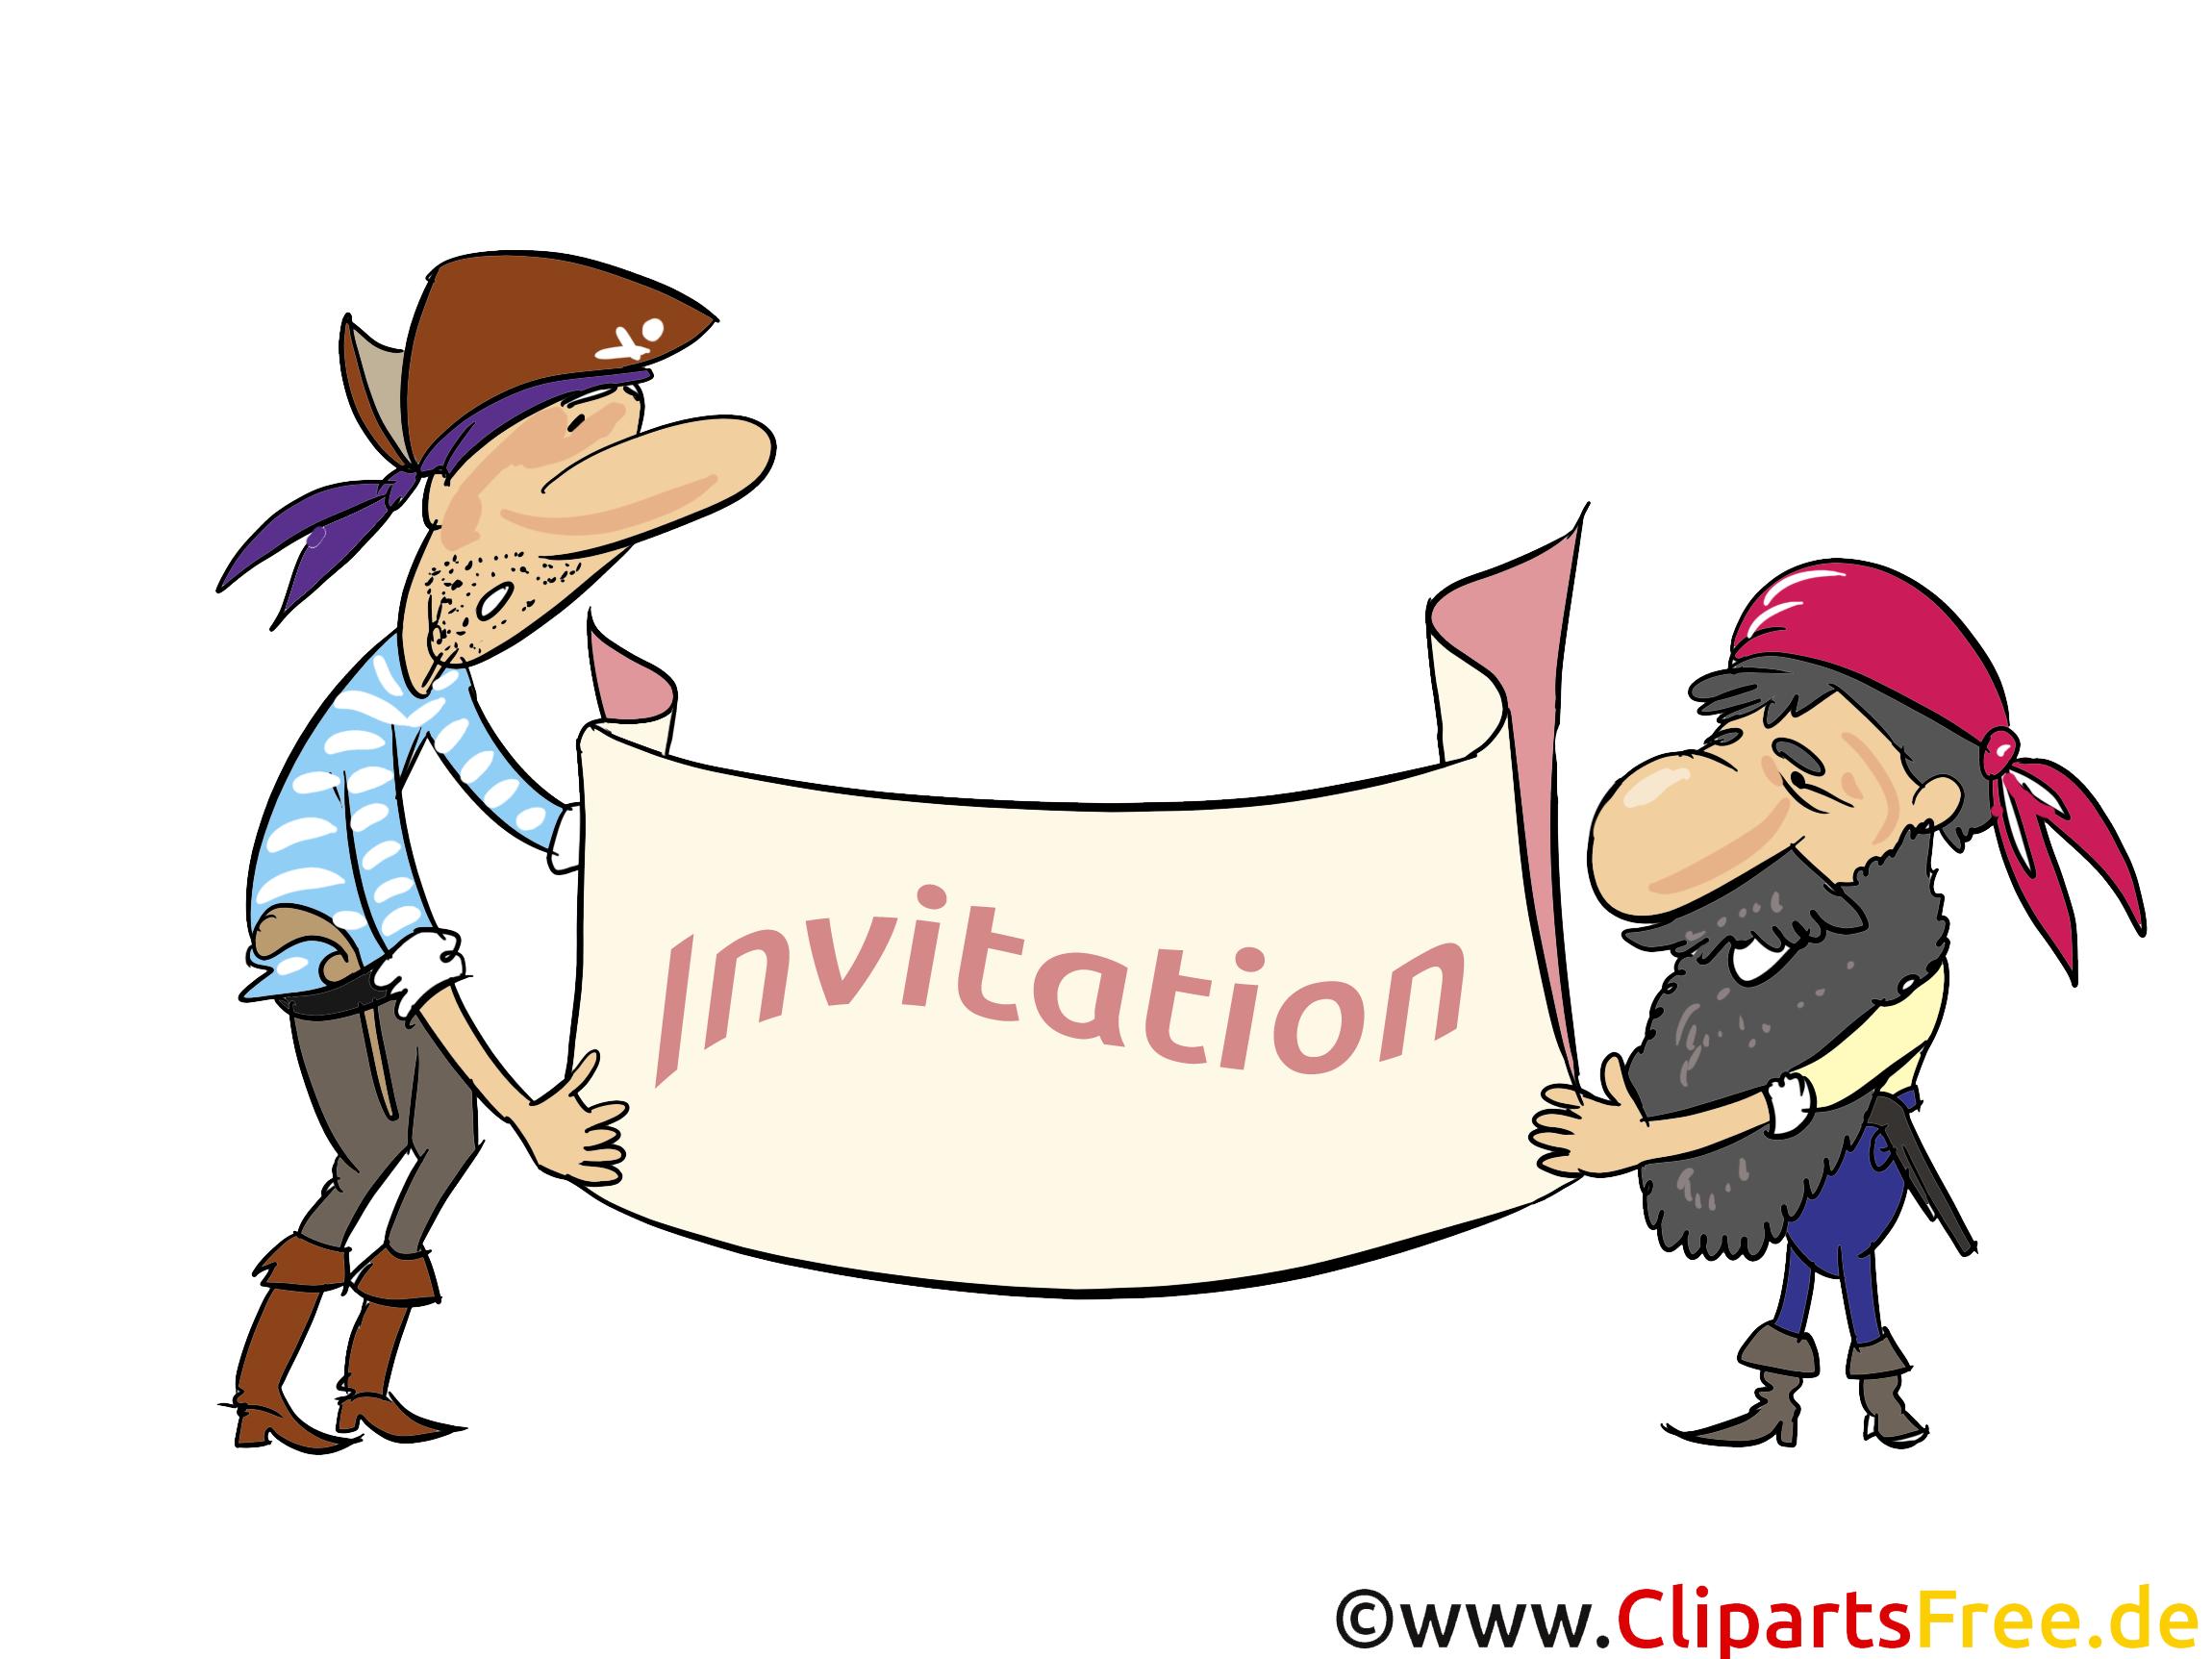 Pirates clip art gratuit invitation dessin invitations dessin picture image graphic clip - Dessin invitation ...